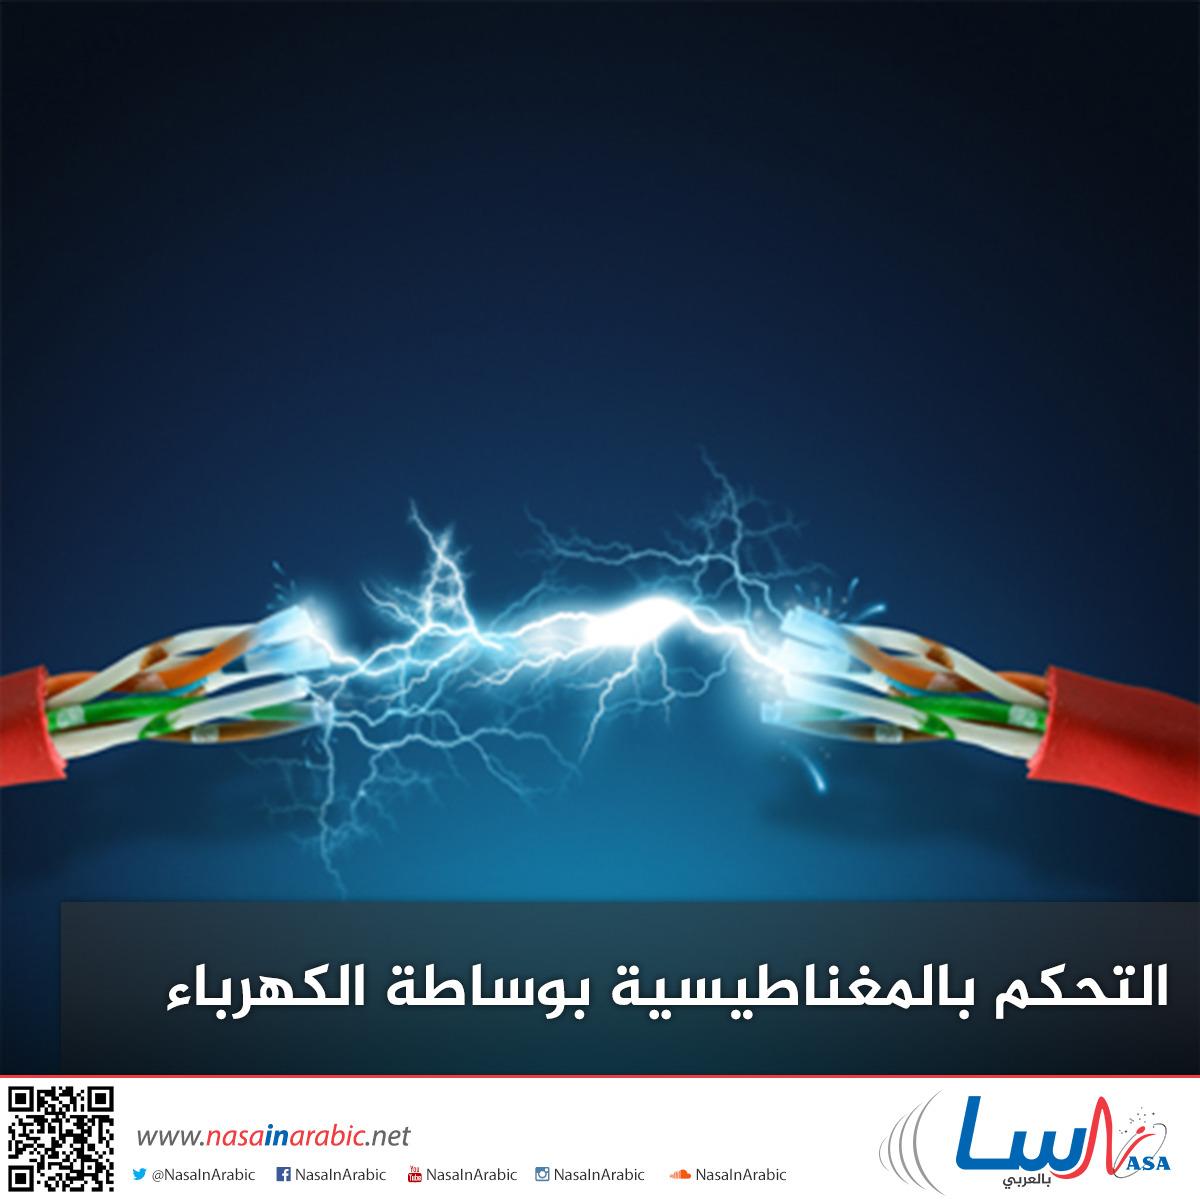 التحكم بالمغناطيسية بوساطة الكهرباء